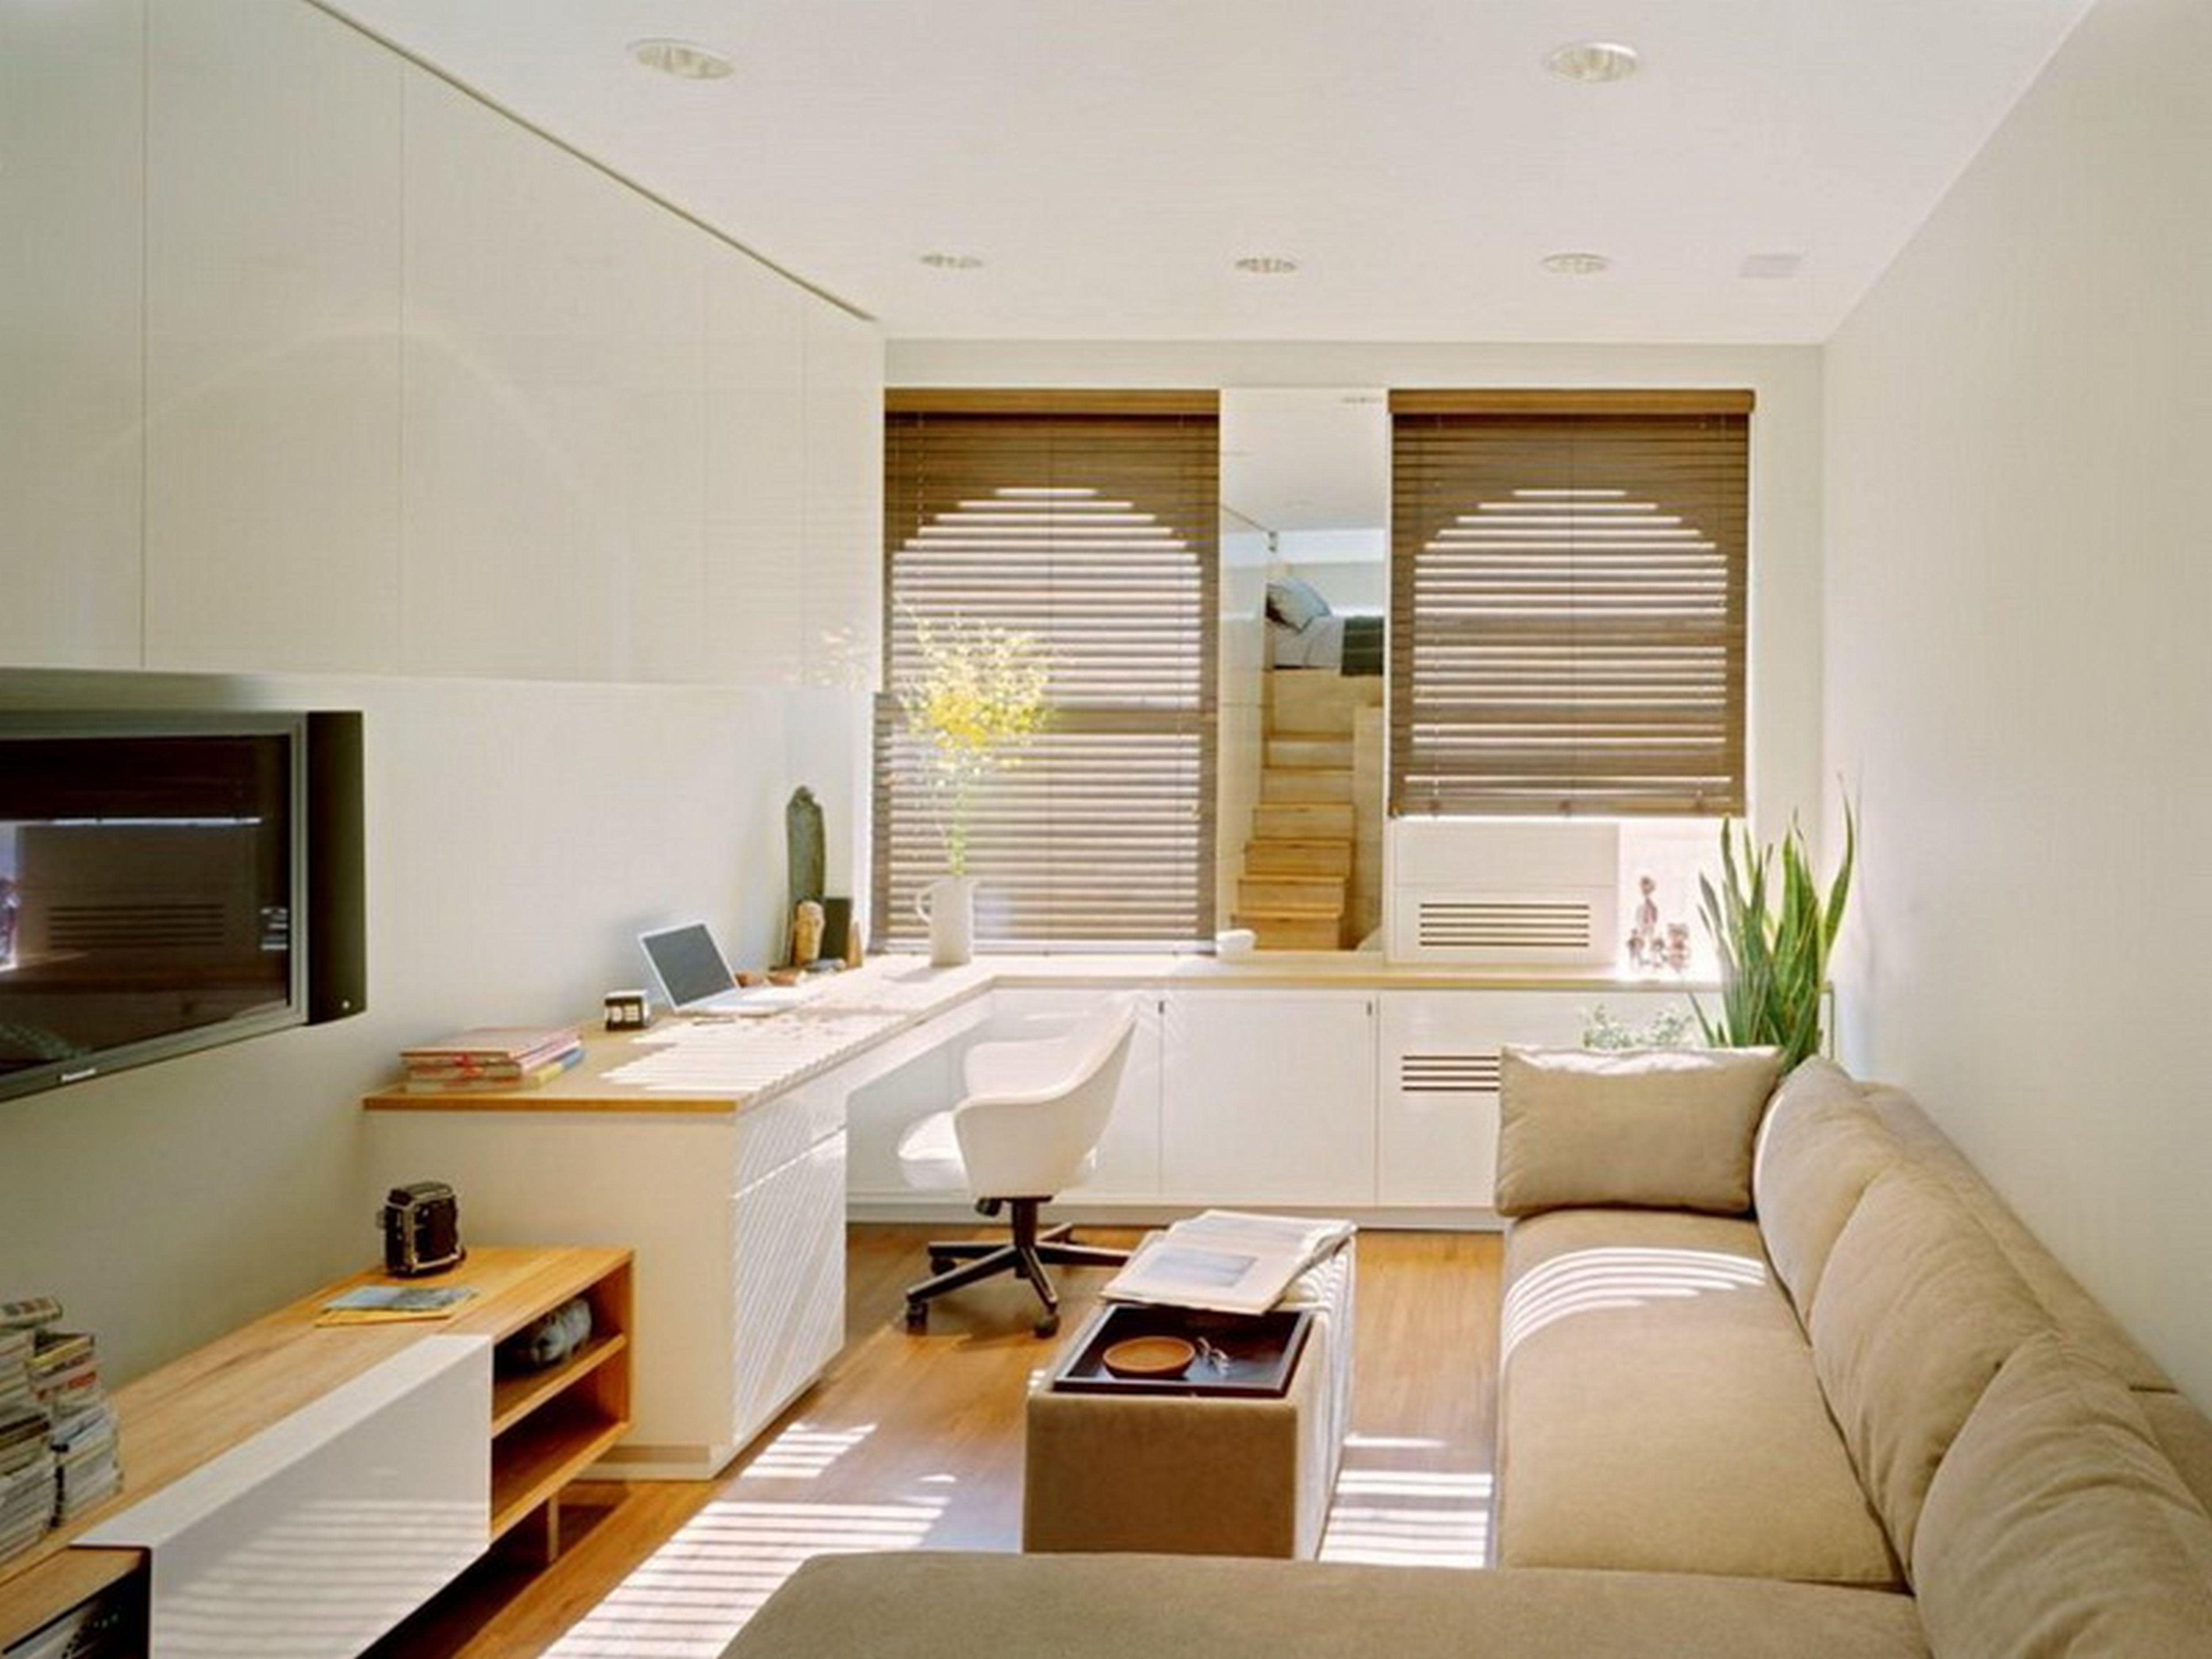 View In Gallery Dekorasi Simple Untuk Ruang Tamu Minimalis Rumah Apartment